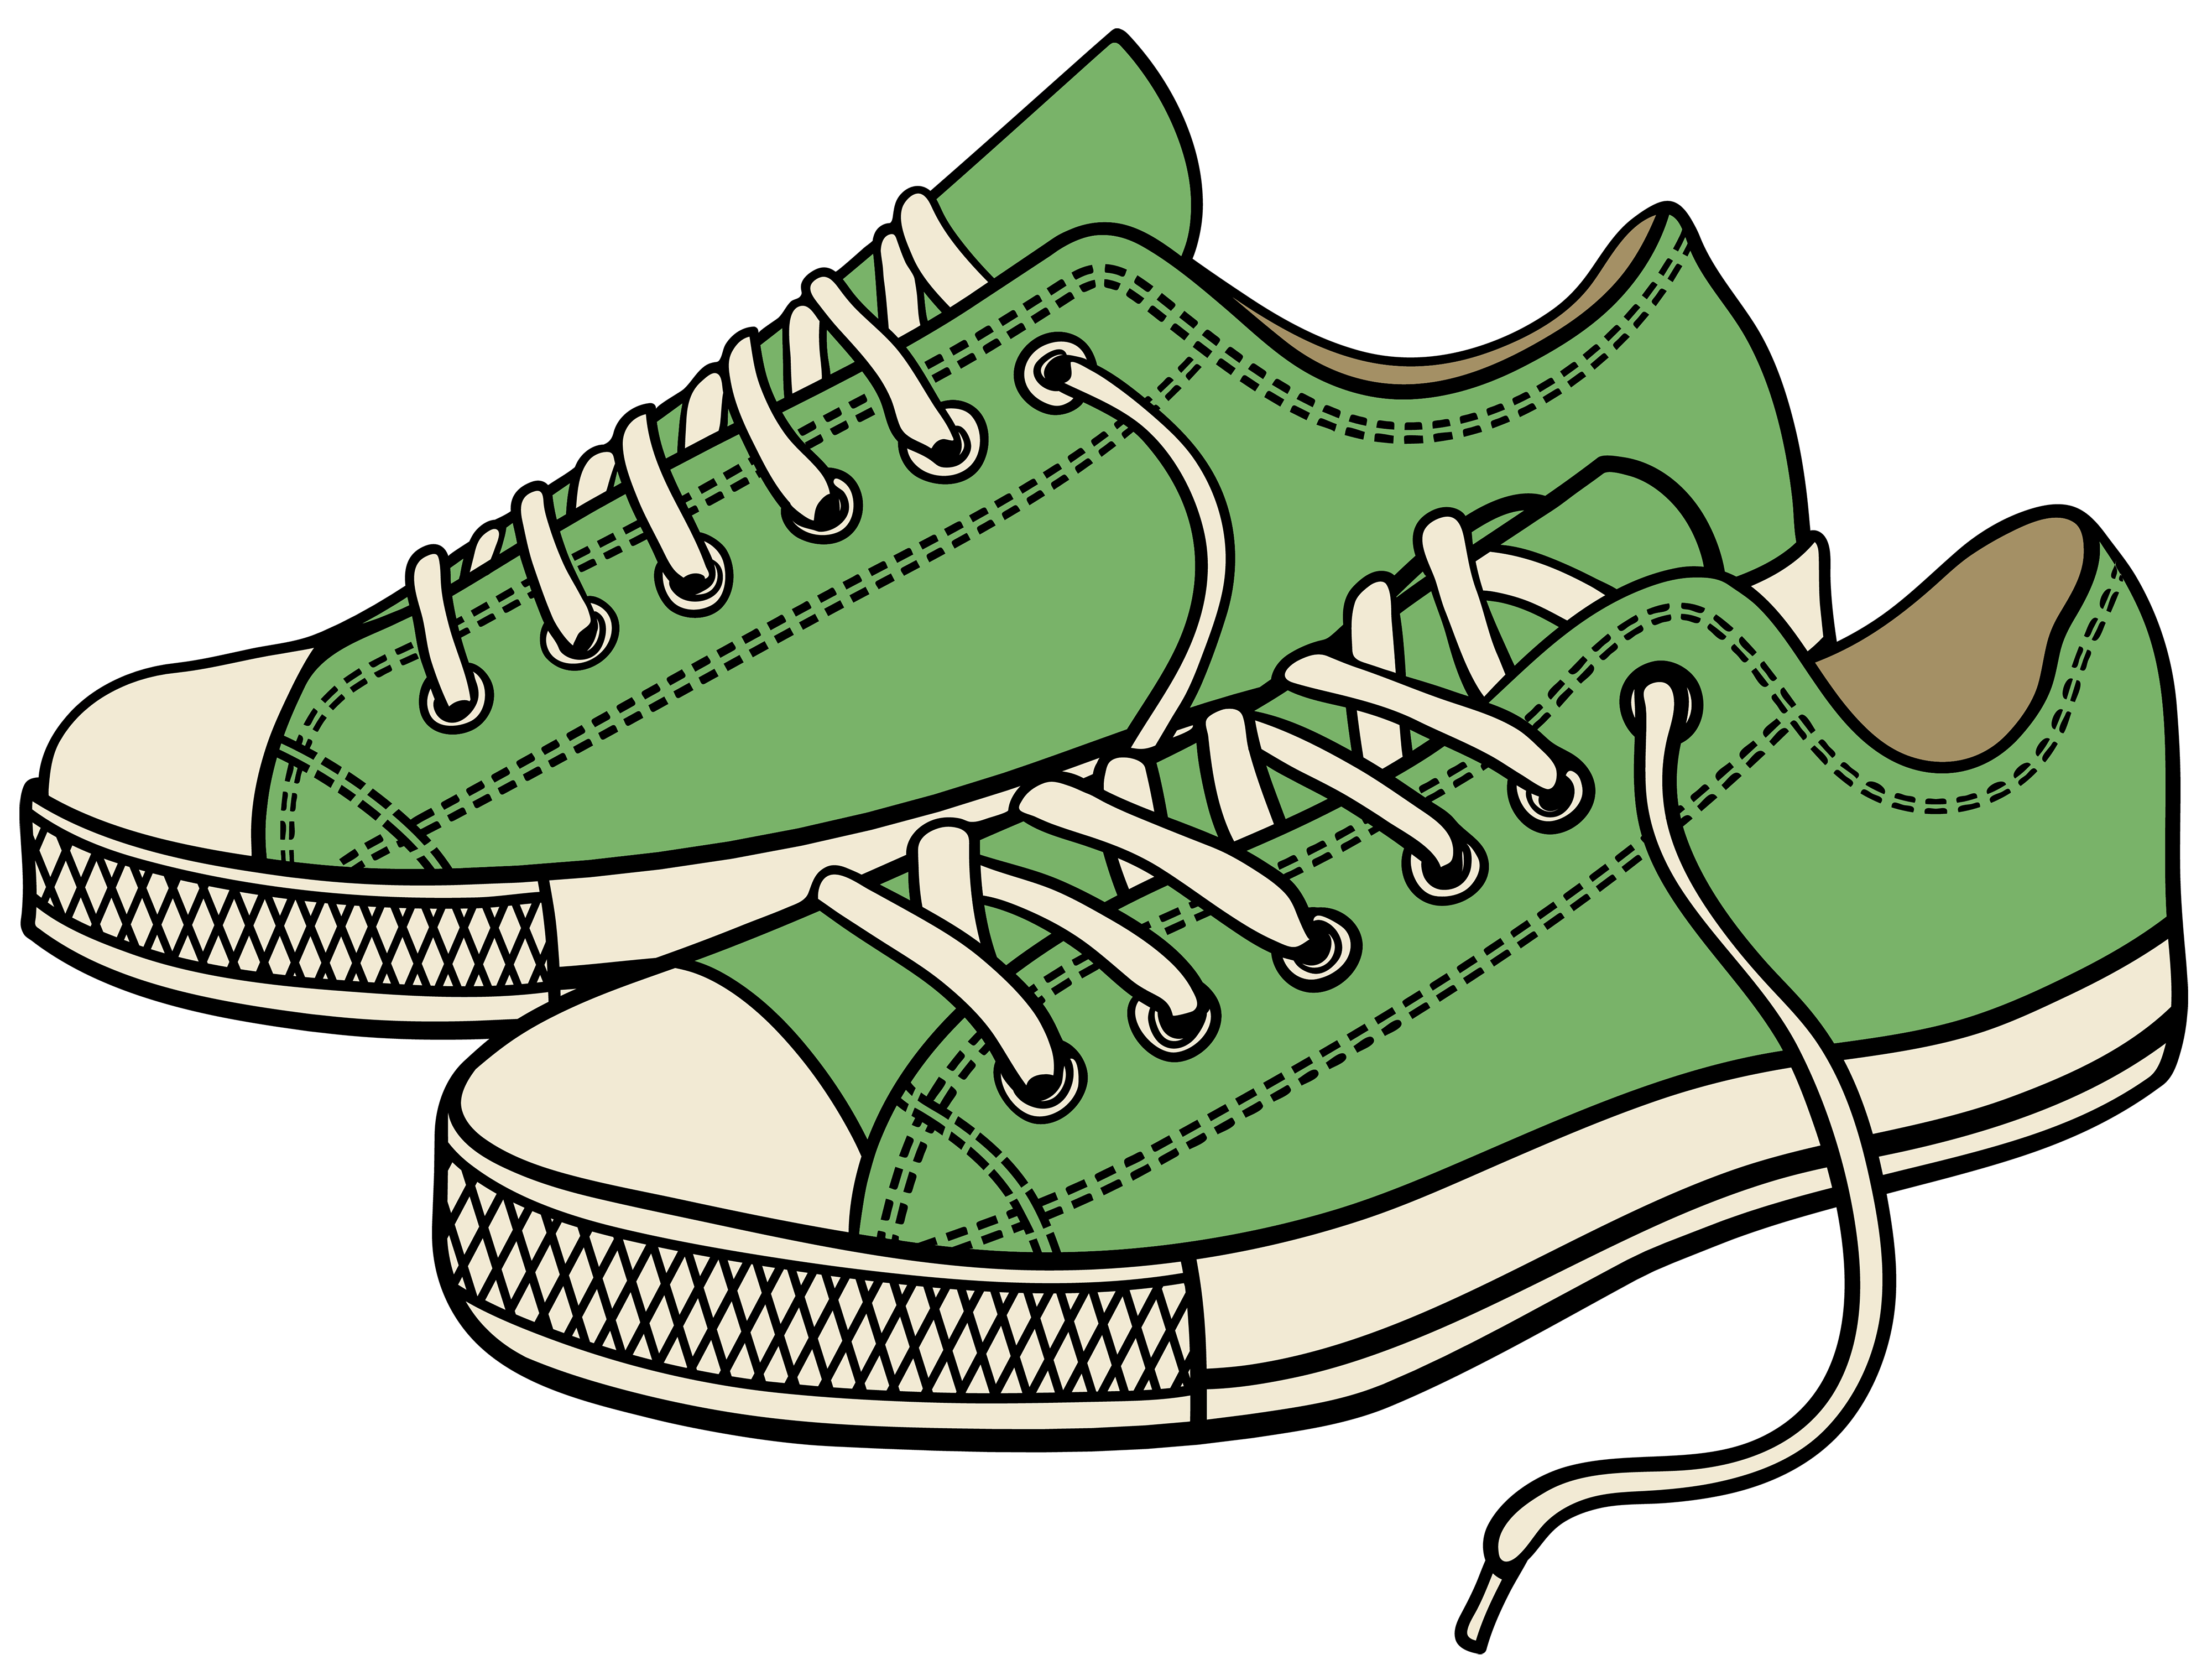 4000x3010 Green Clipart Running Shoe